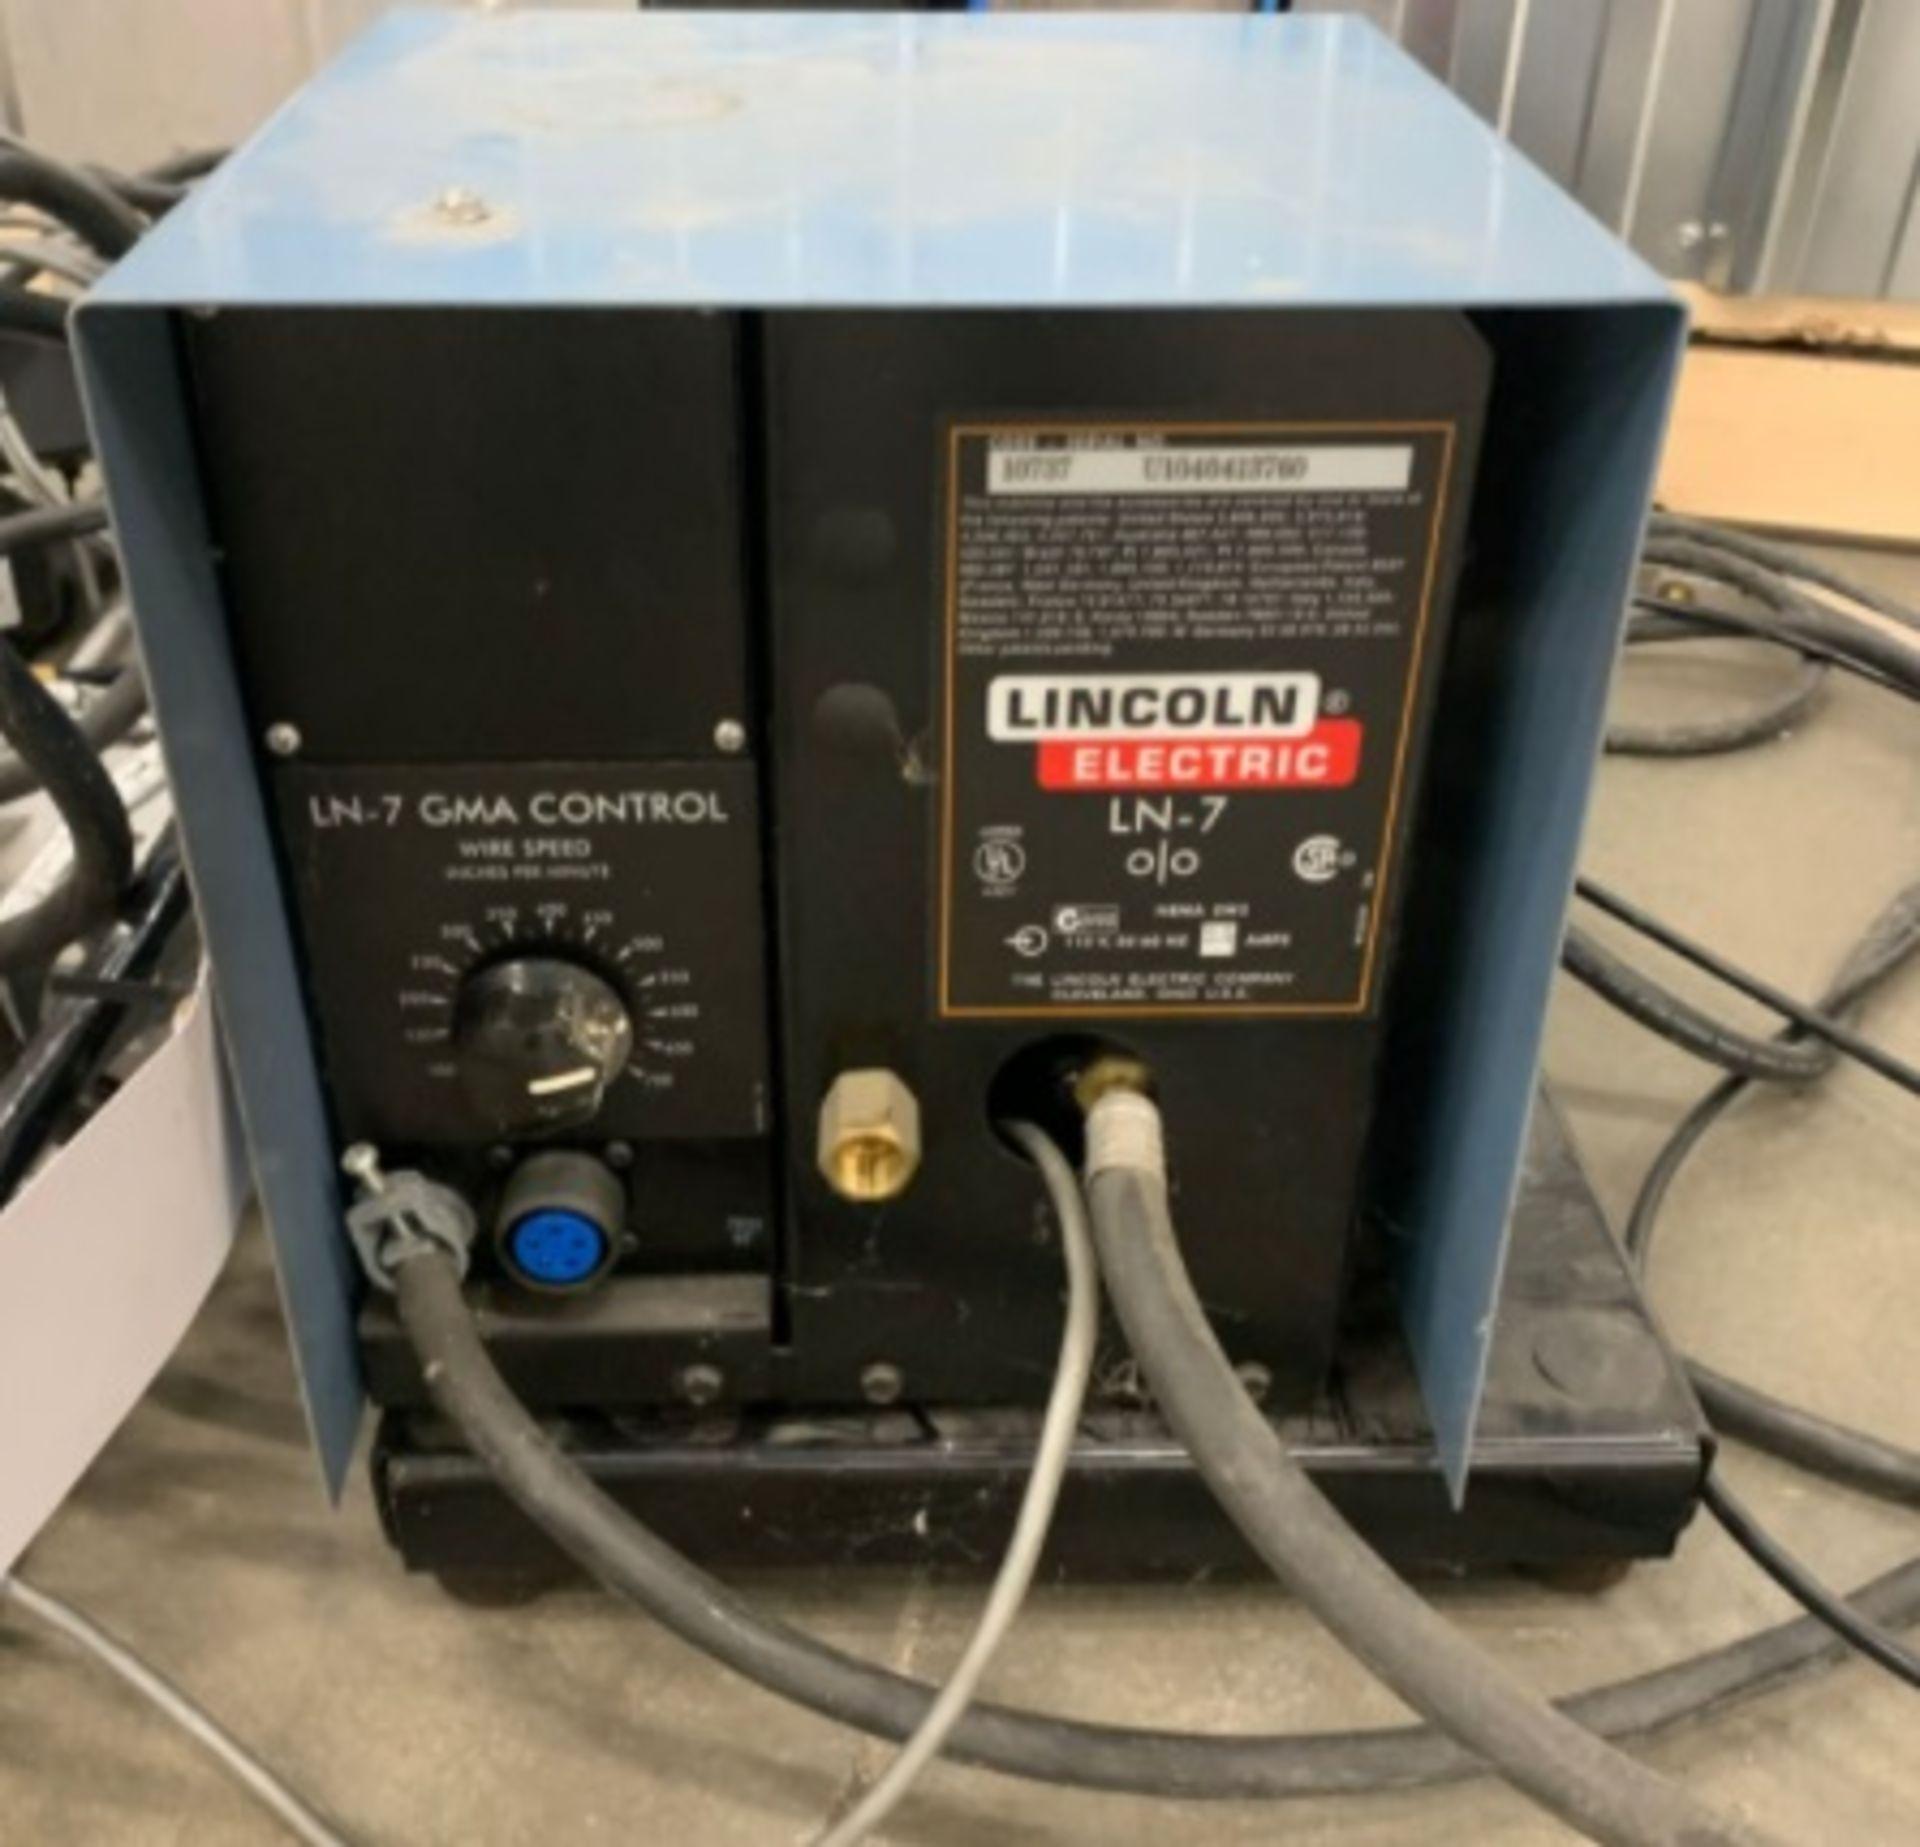 Lincoln LN7 Wire Feeder unit